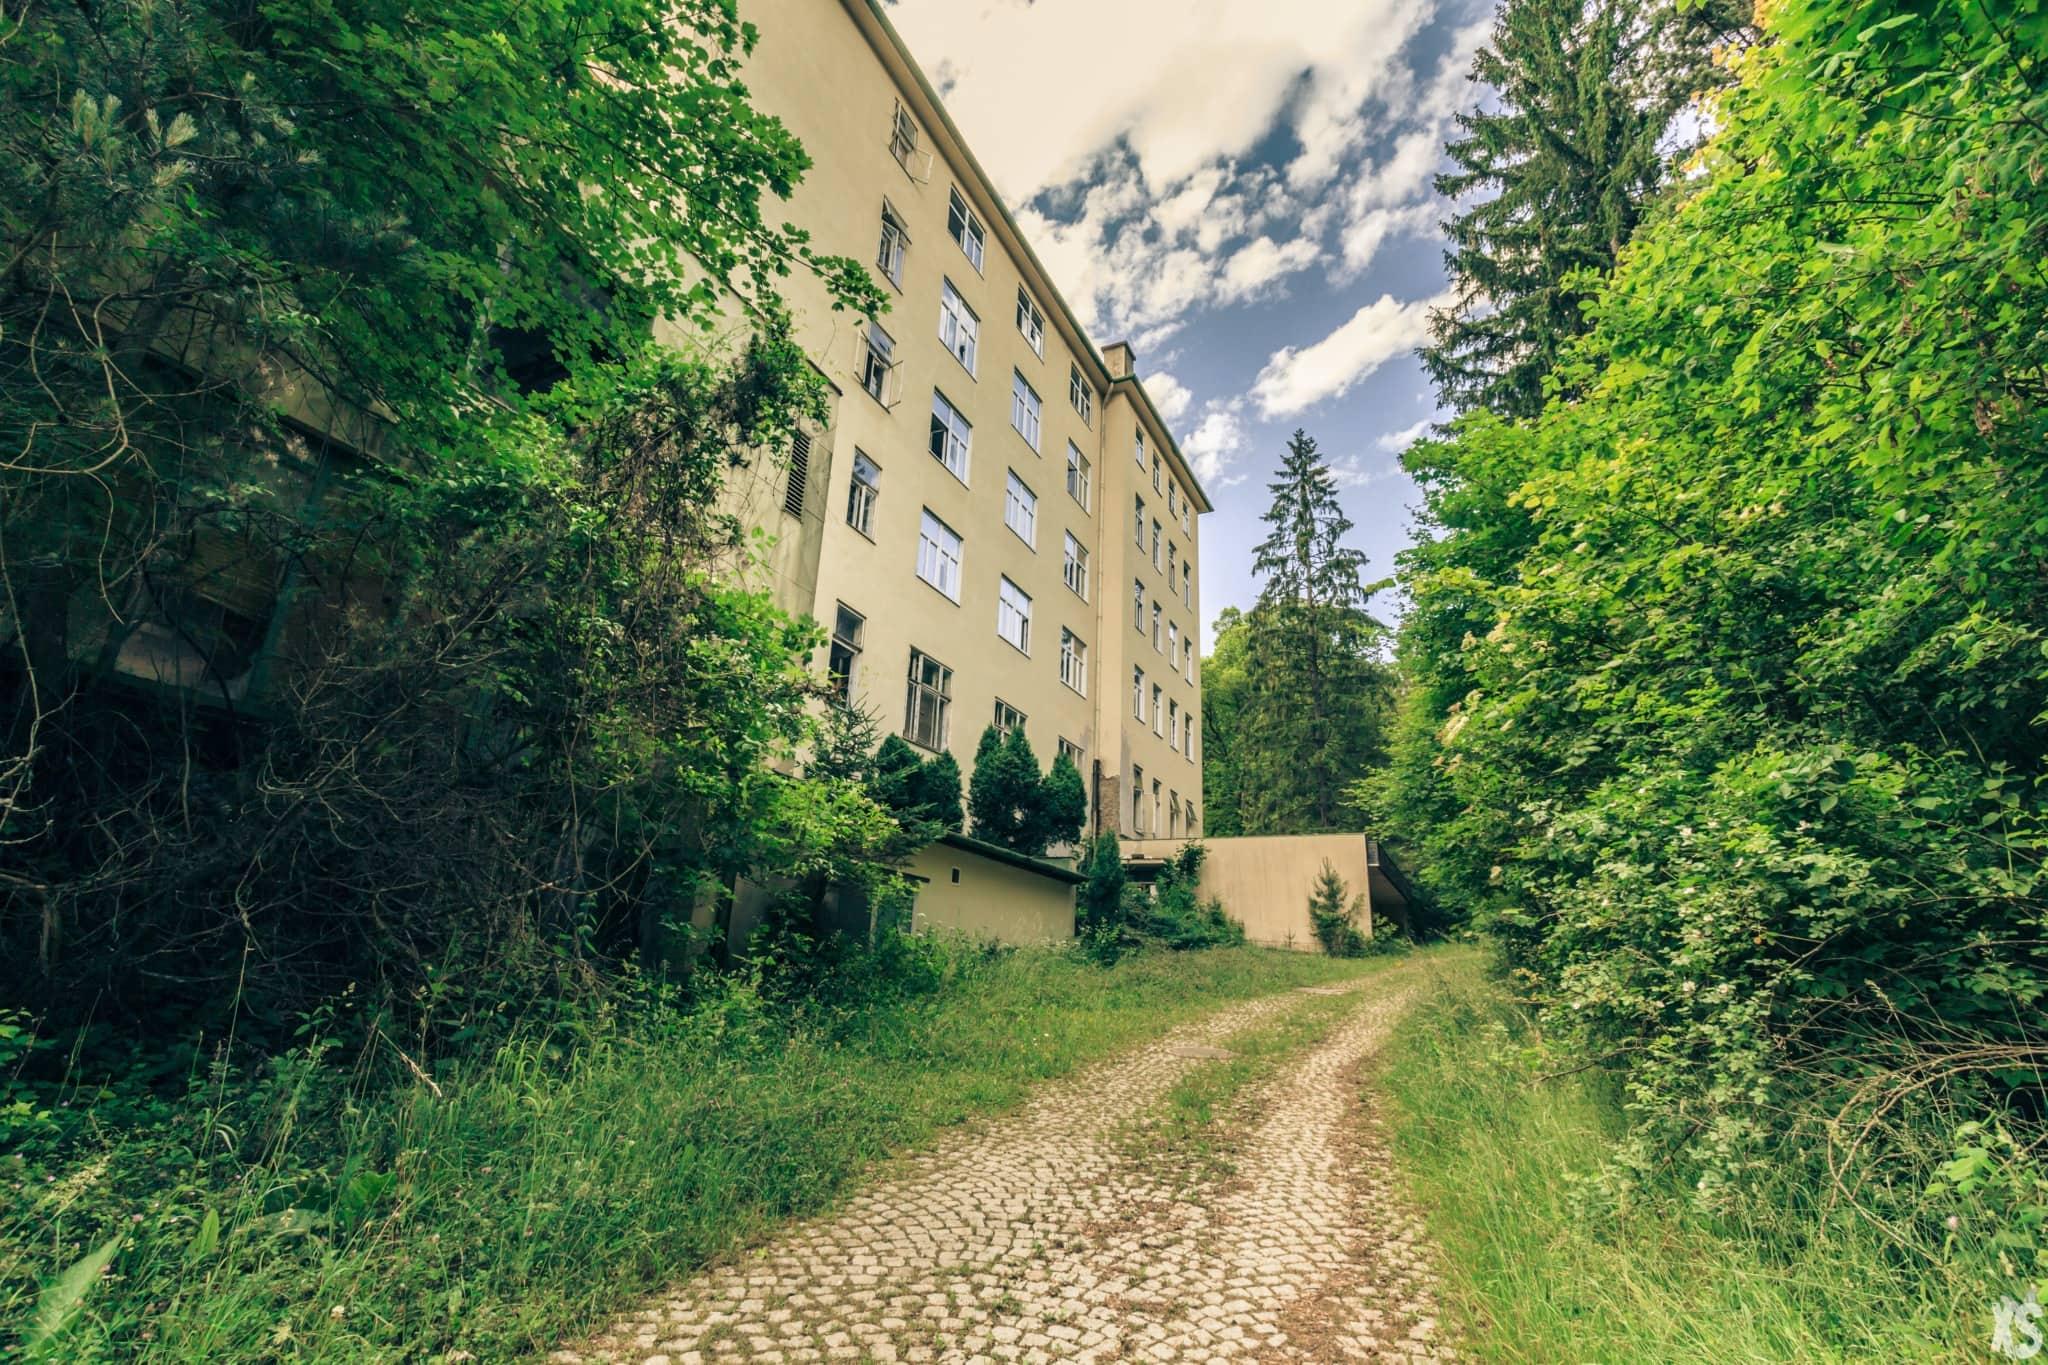 sanatorium-wienerwald-2